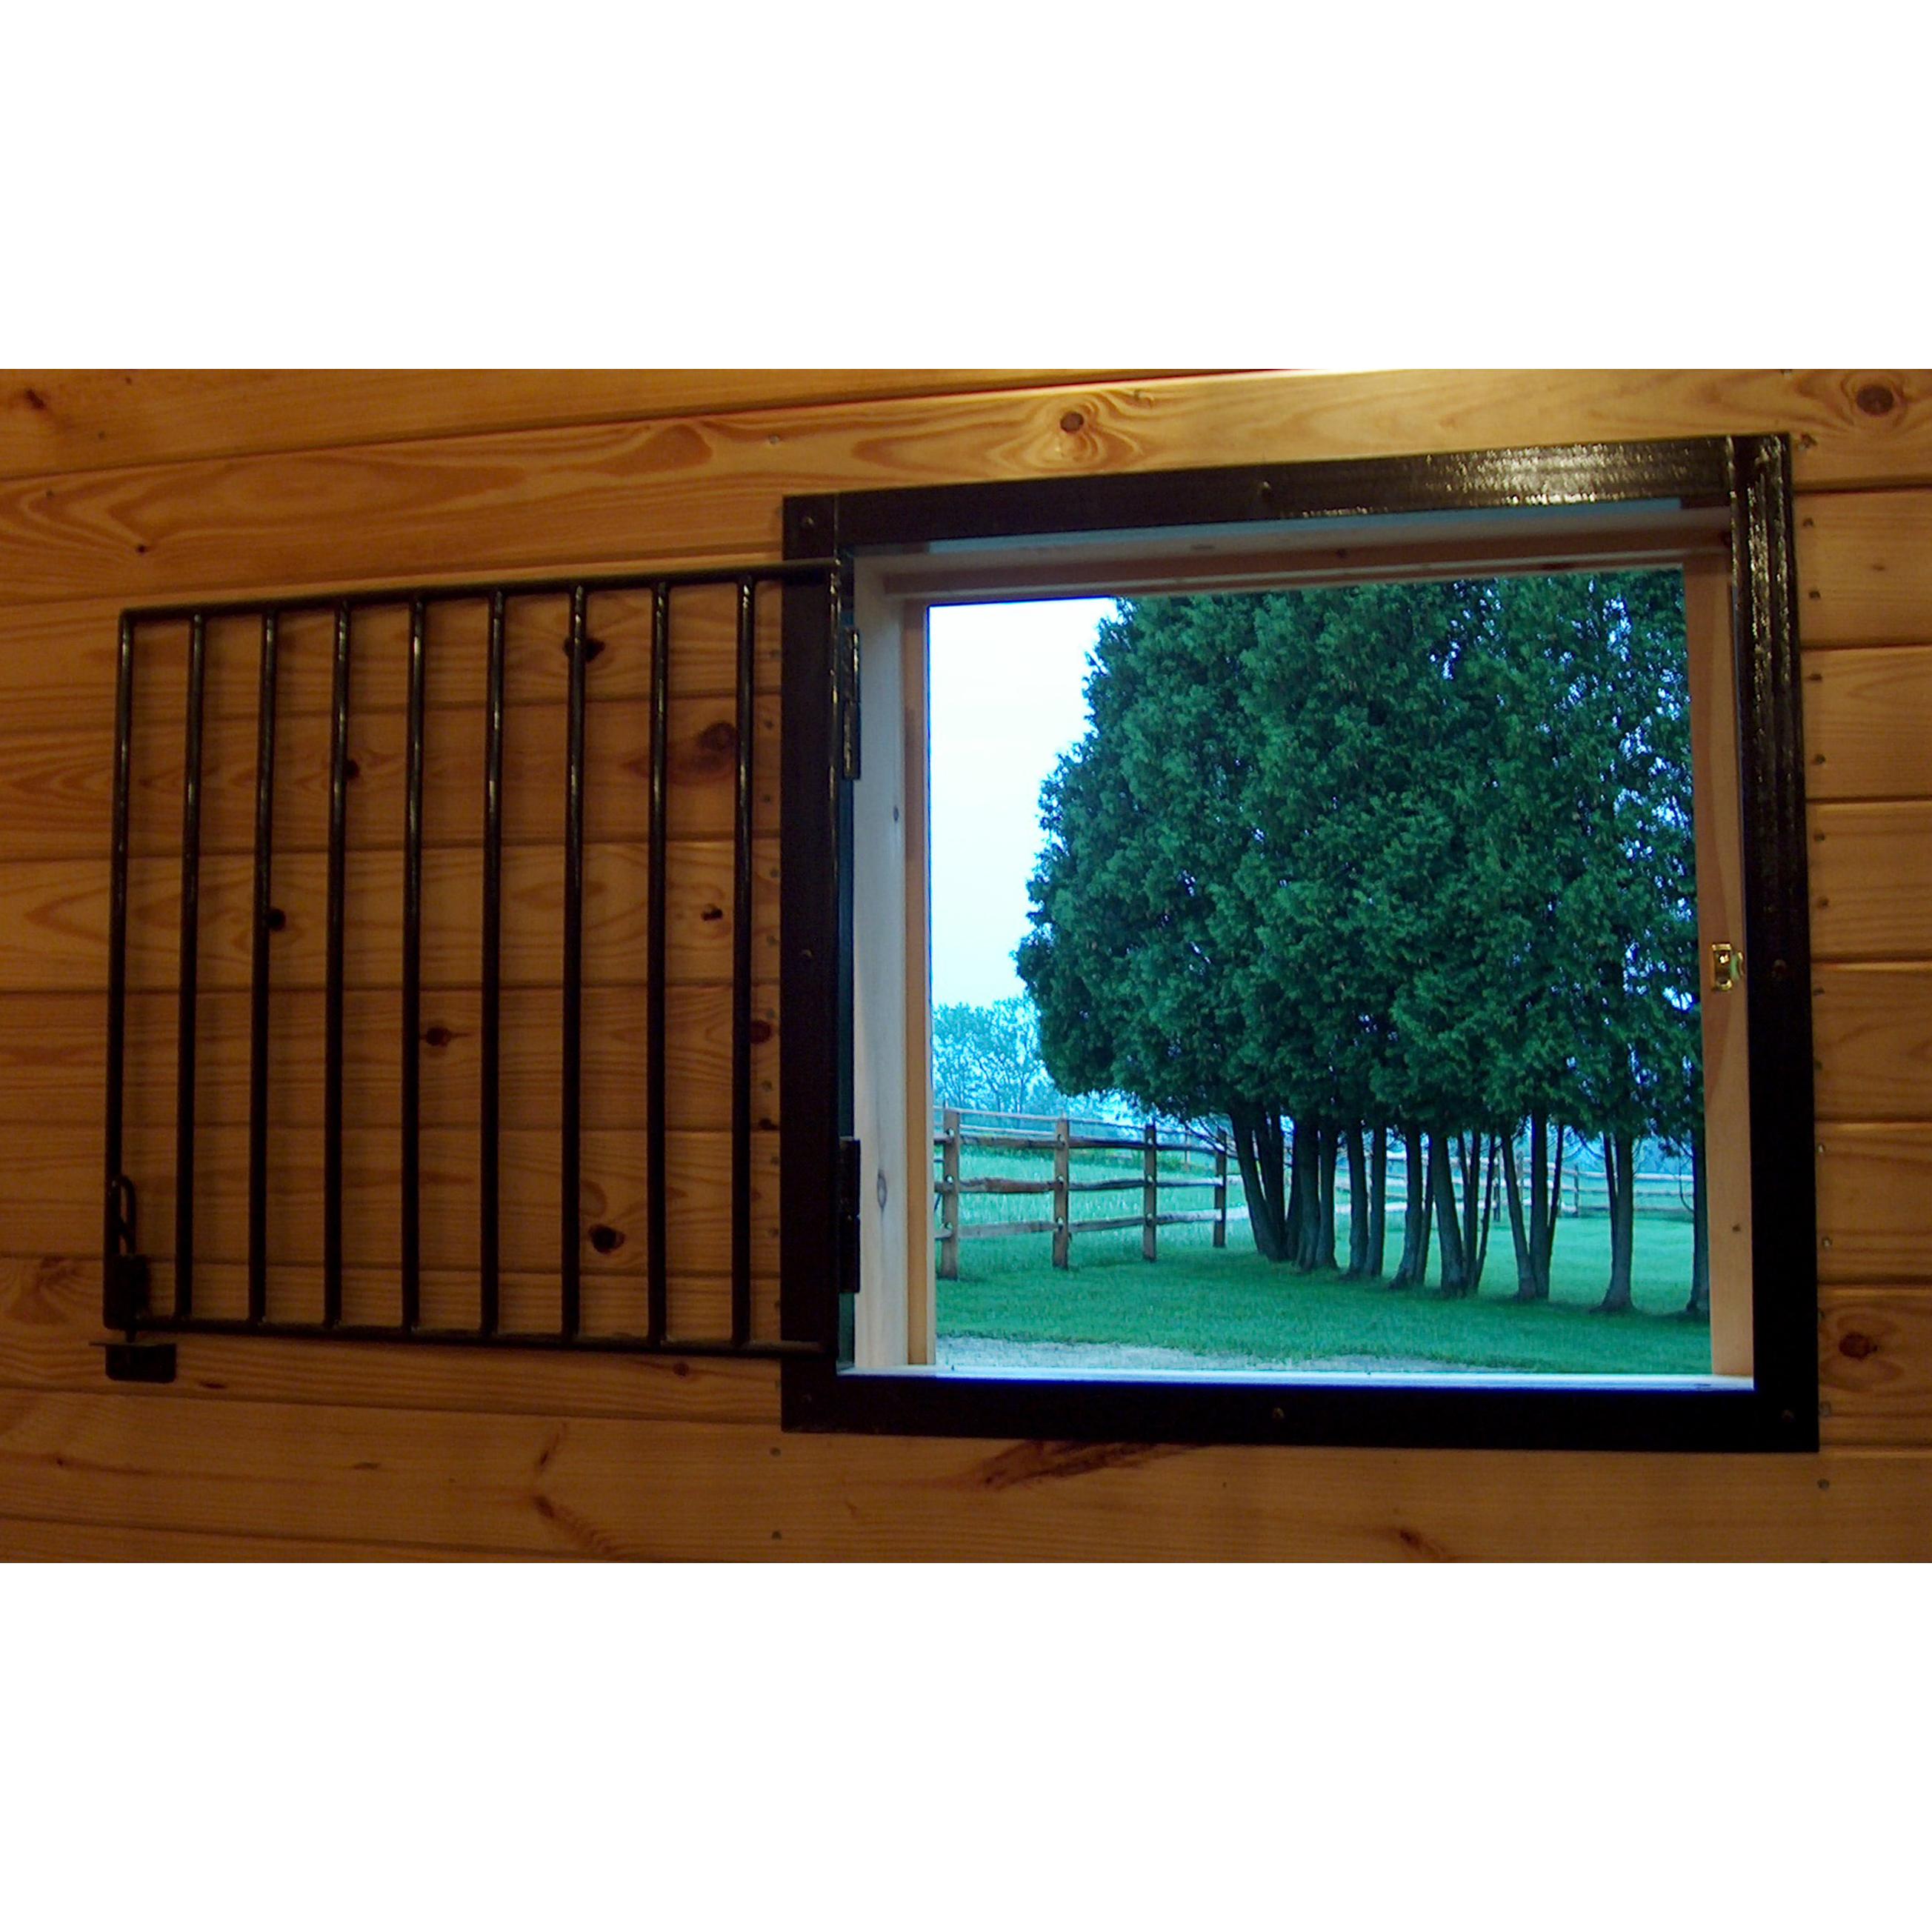 Attrayant Barn Components U003e Grills U003e Window U003e Interior Operable Window Grill With  Vertical Bars